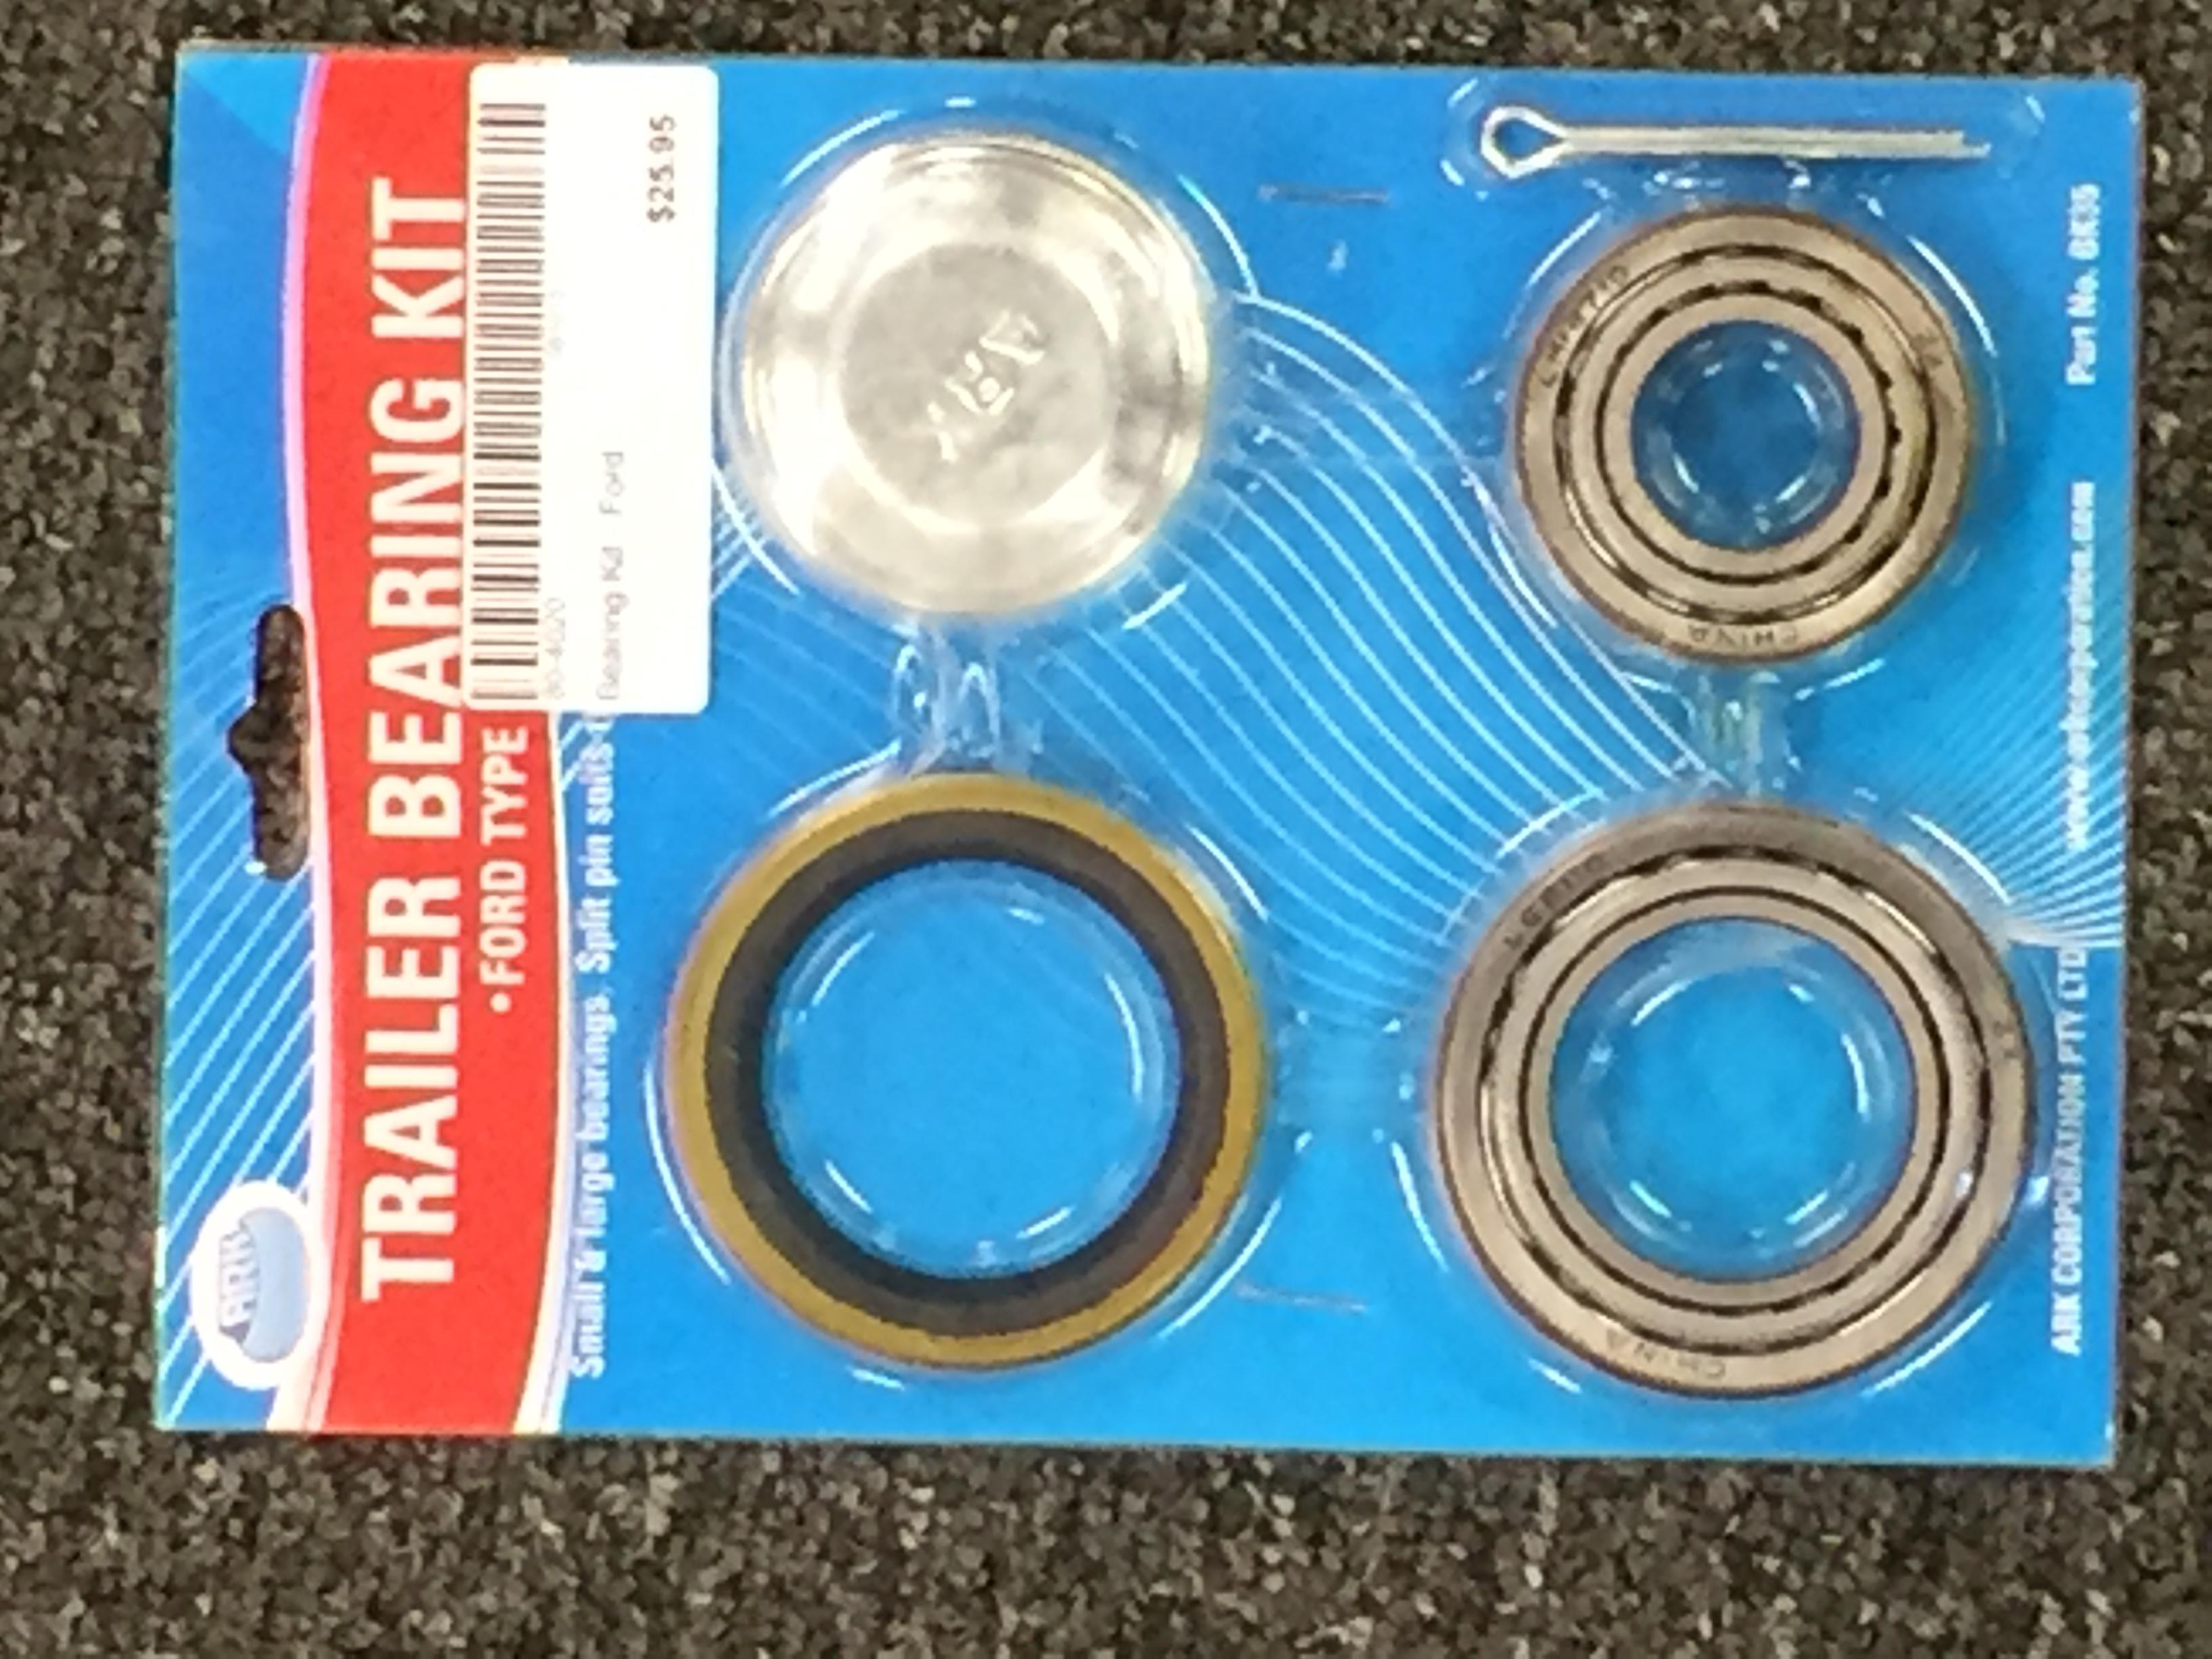 Slimline Ford Bearing kit